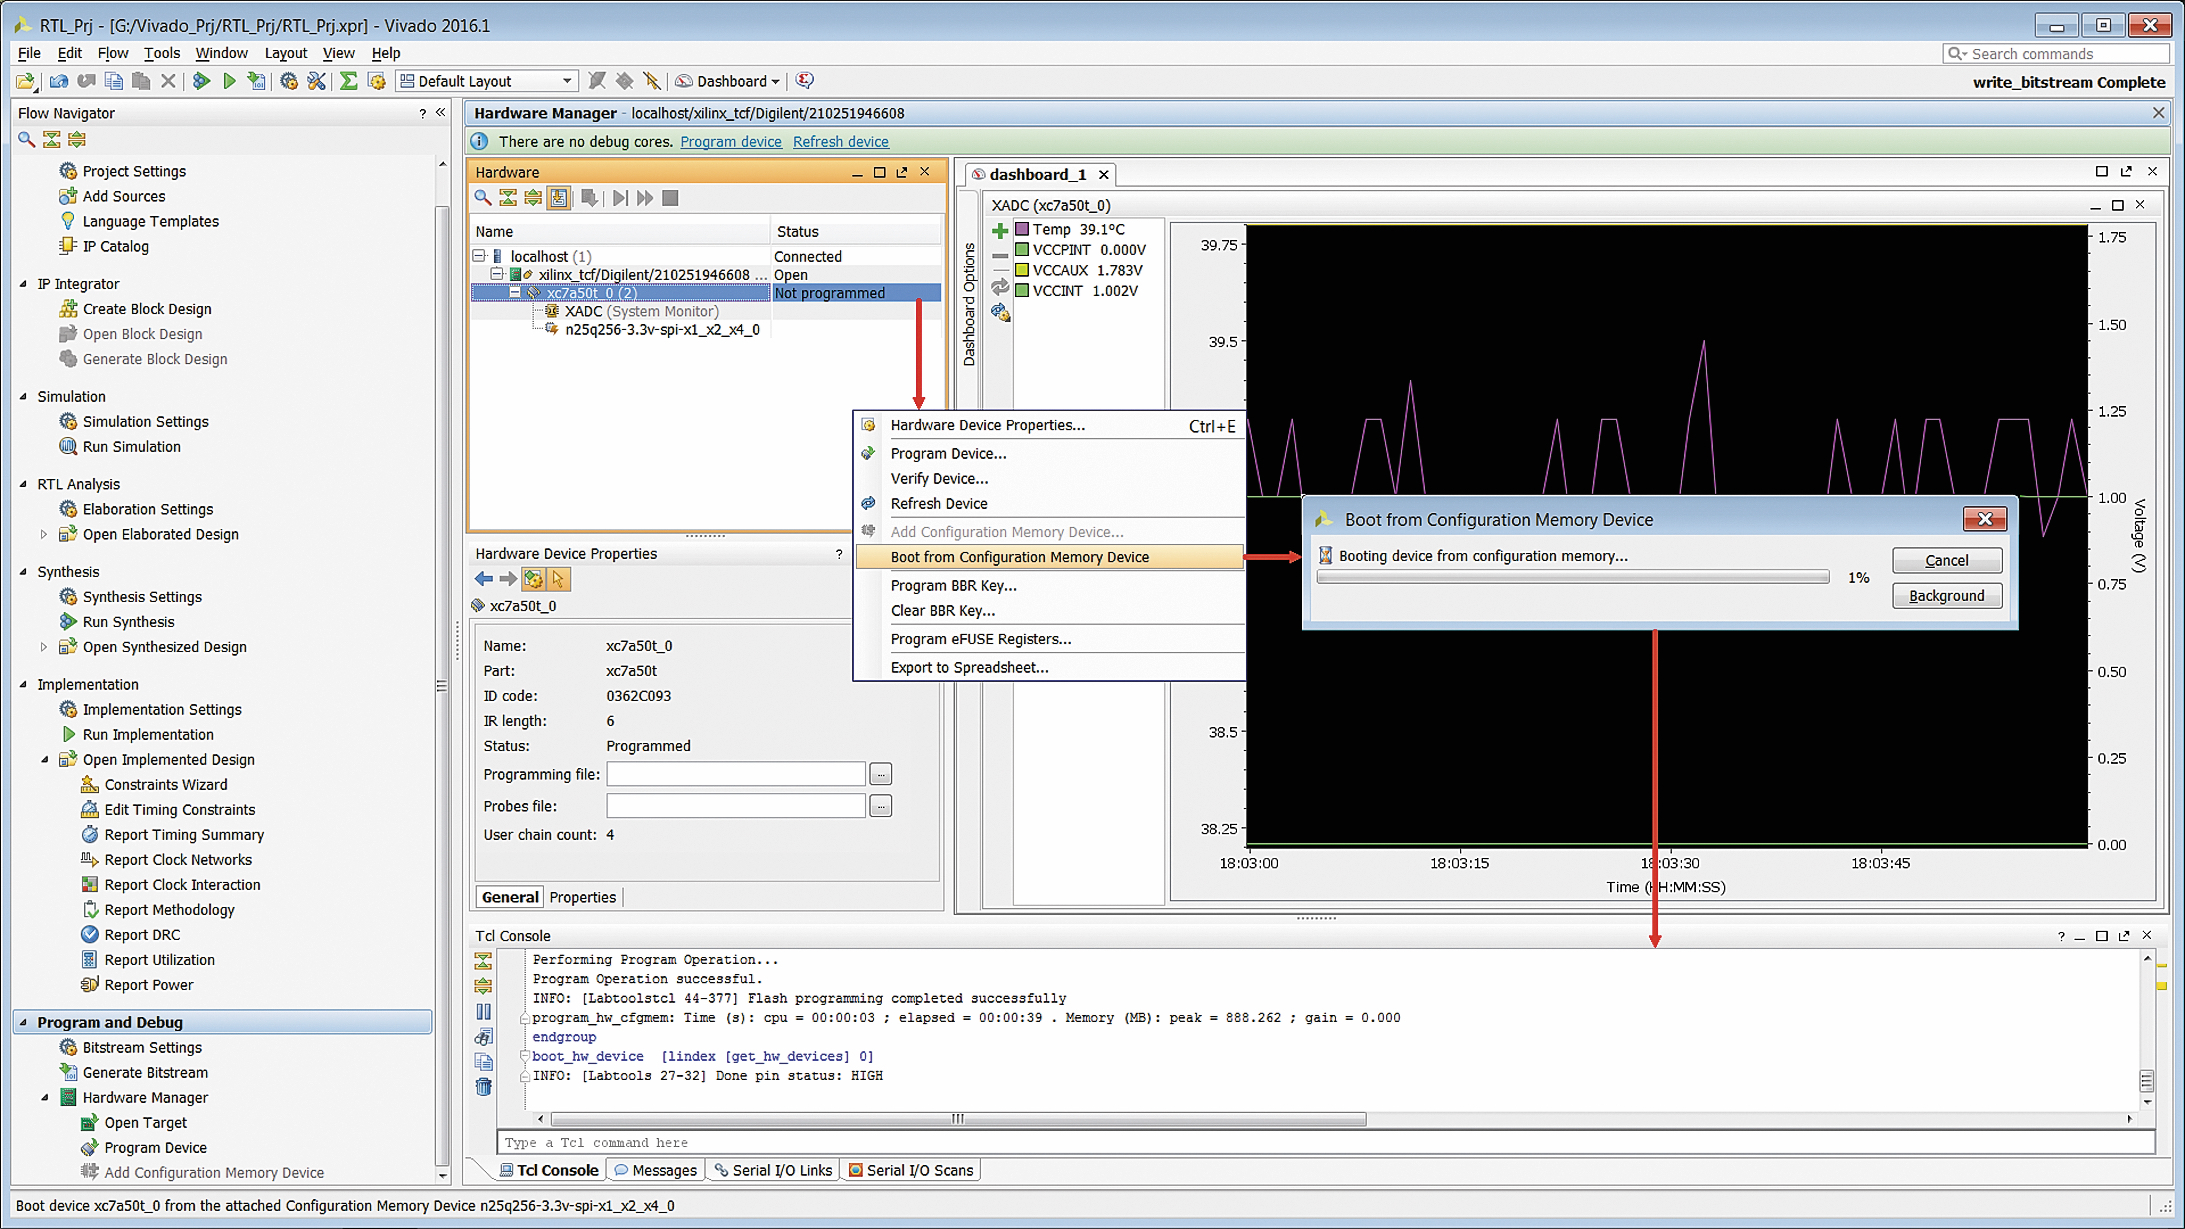 Загрузка конфигурационных данных в кристалл программируемой логики или расширяемой процессорной платформы из запрограммированной микросхемы Flash-памяти